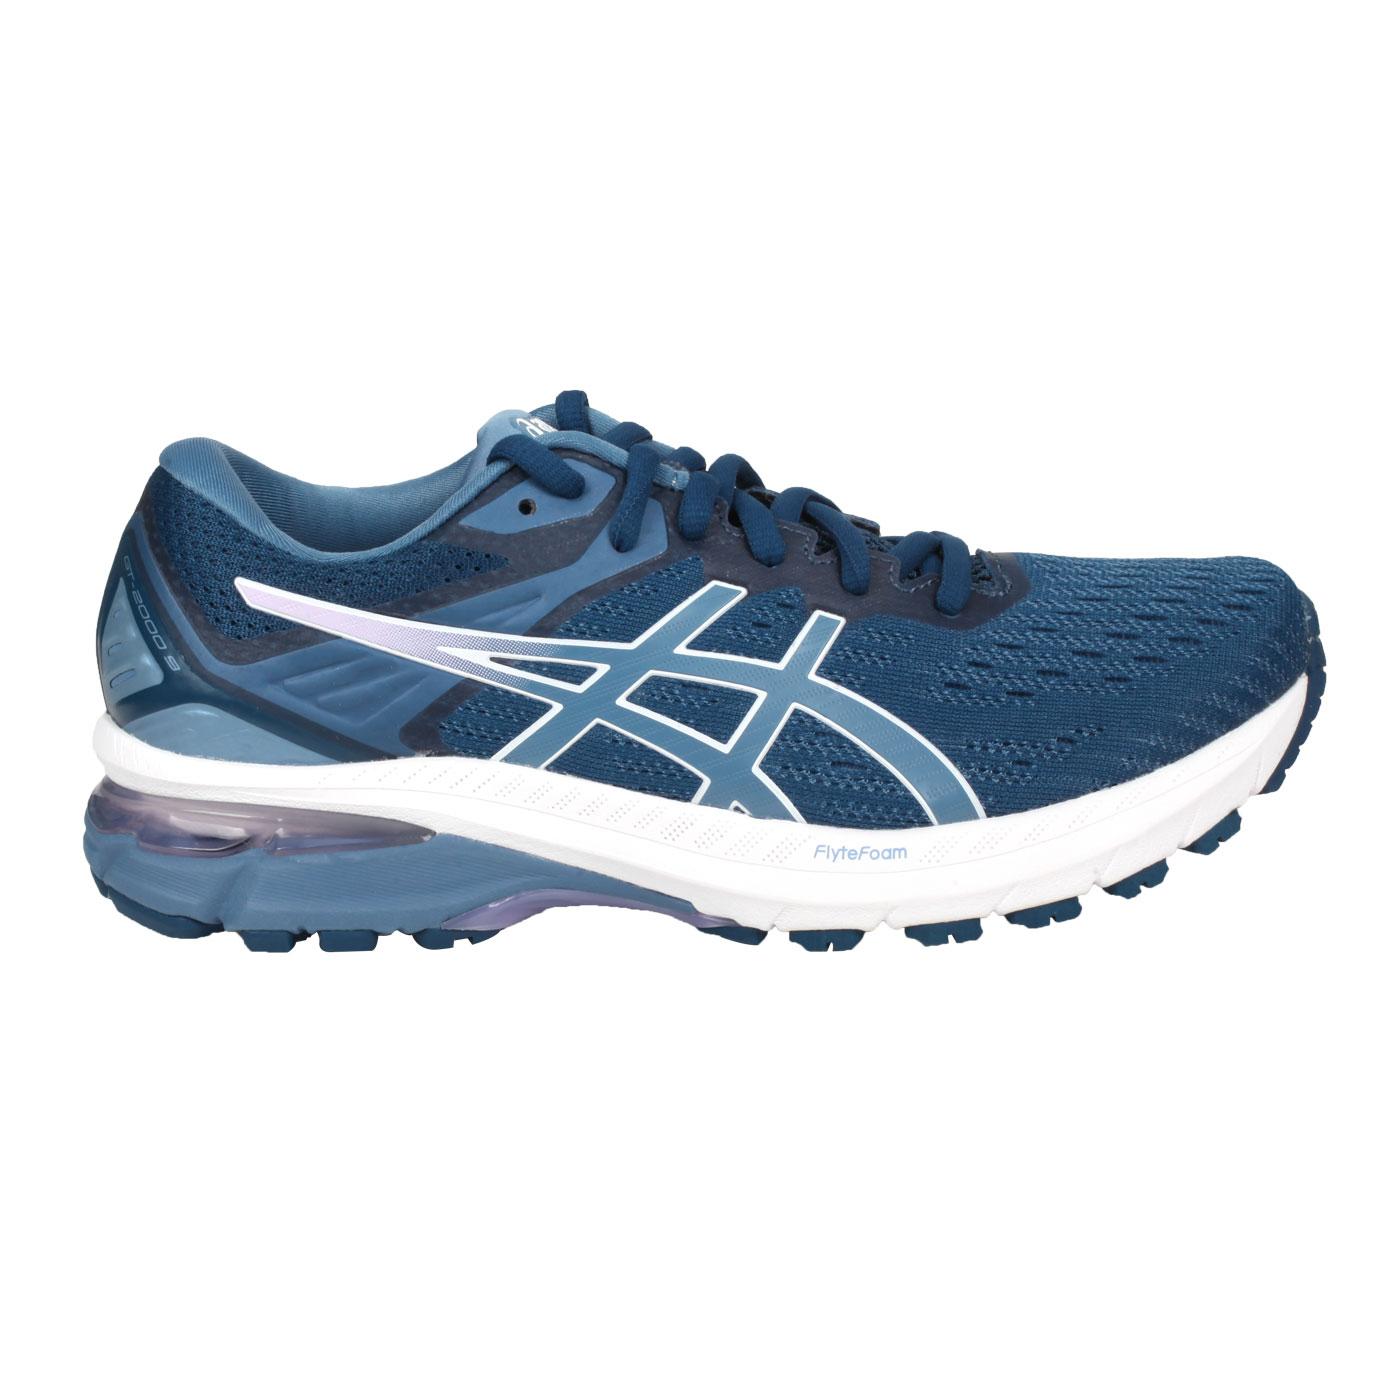 ASICS 女款慢跑鞋-WIDE  @GT-2000 9@1012A861-400 - 藍粉紅白